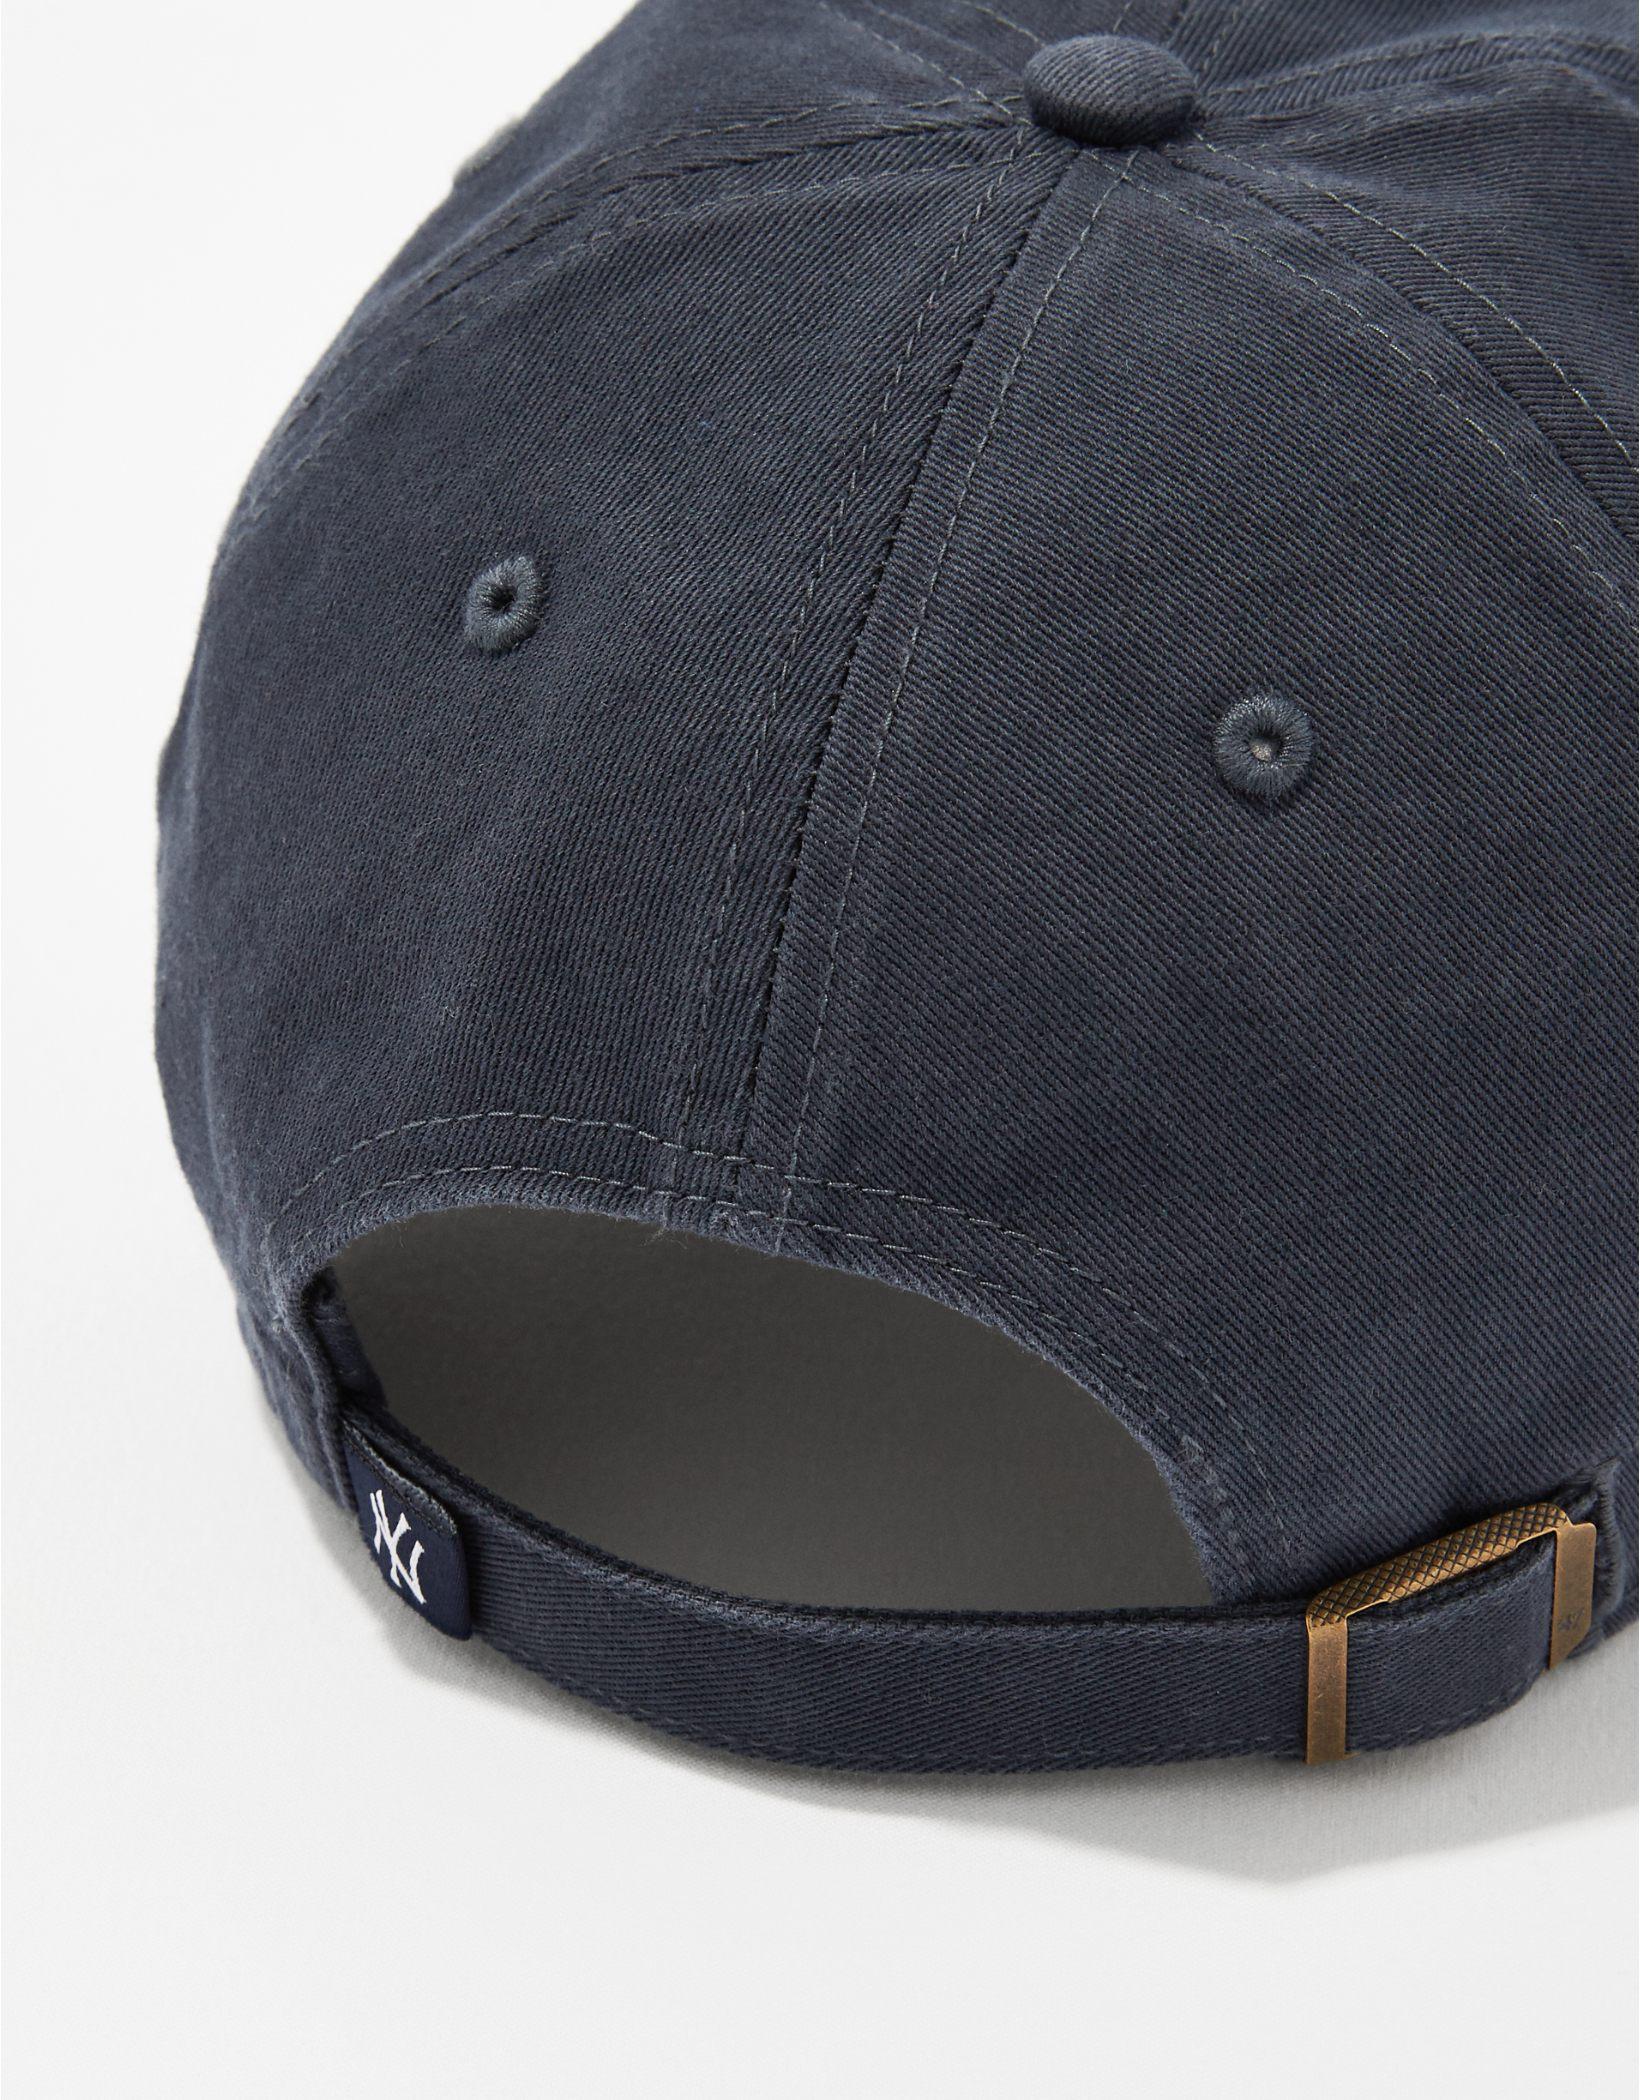 '47 NY Yankees Baseball Hat